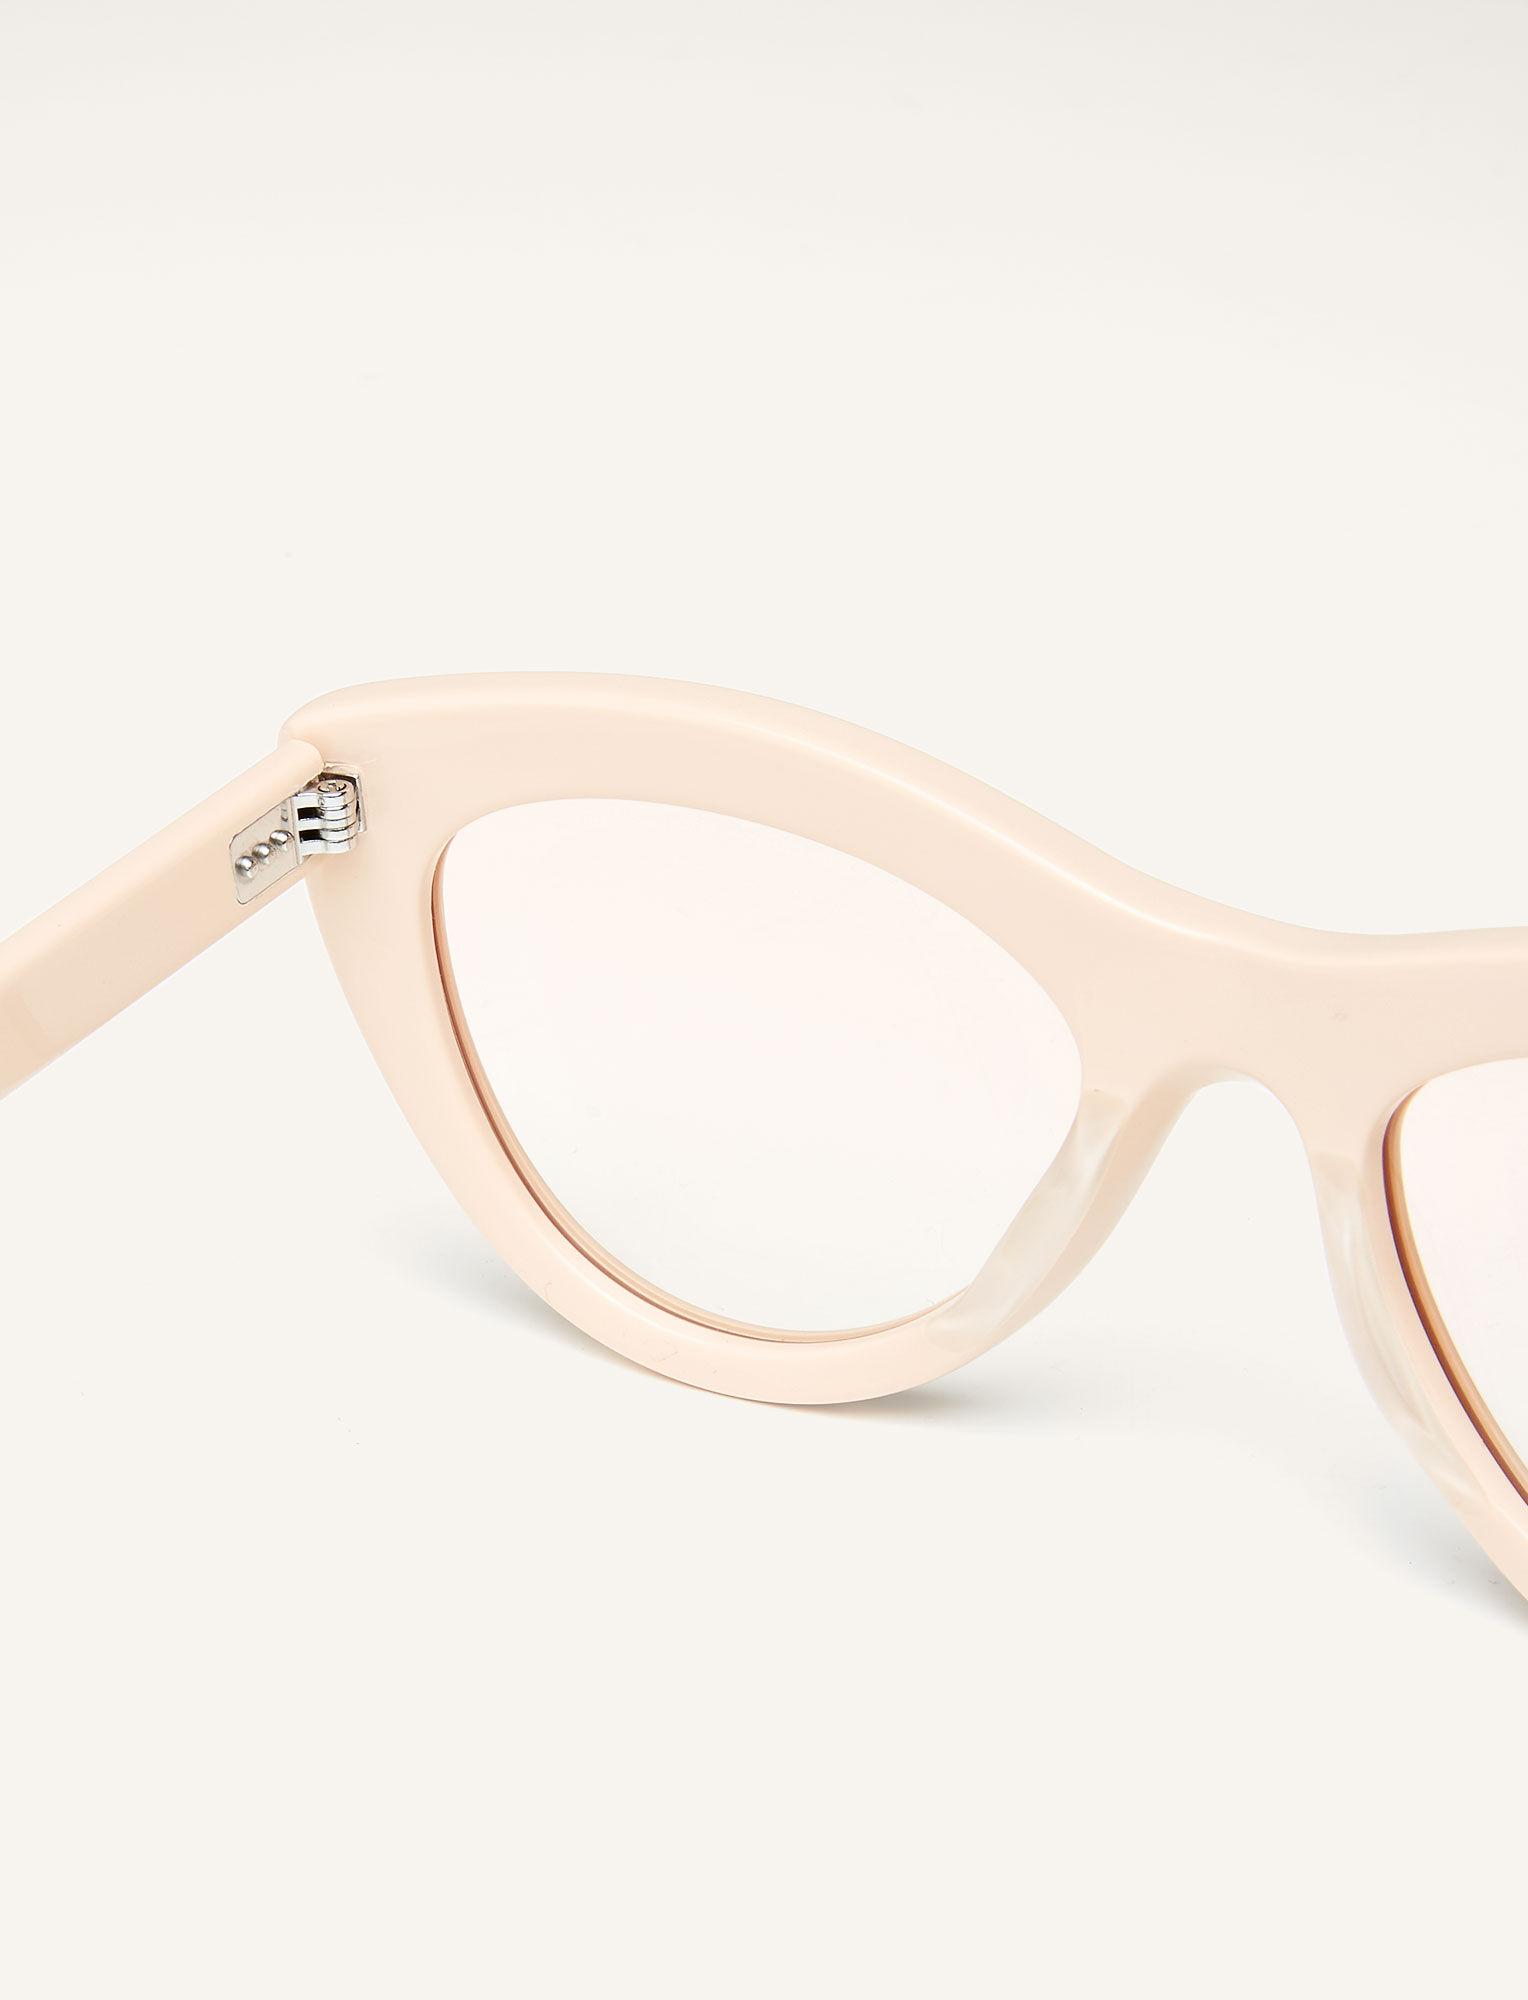 Joseph, Montaigne Sunglasses, in OYSTER